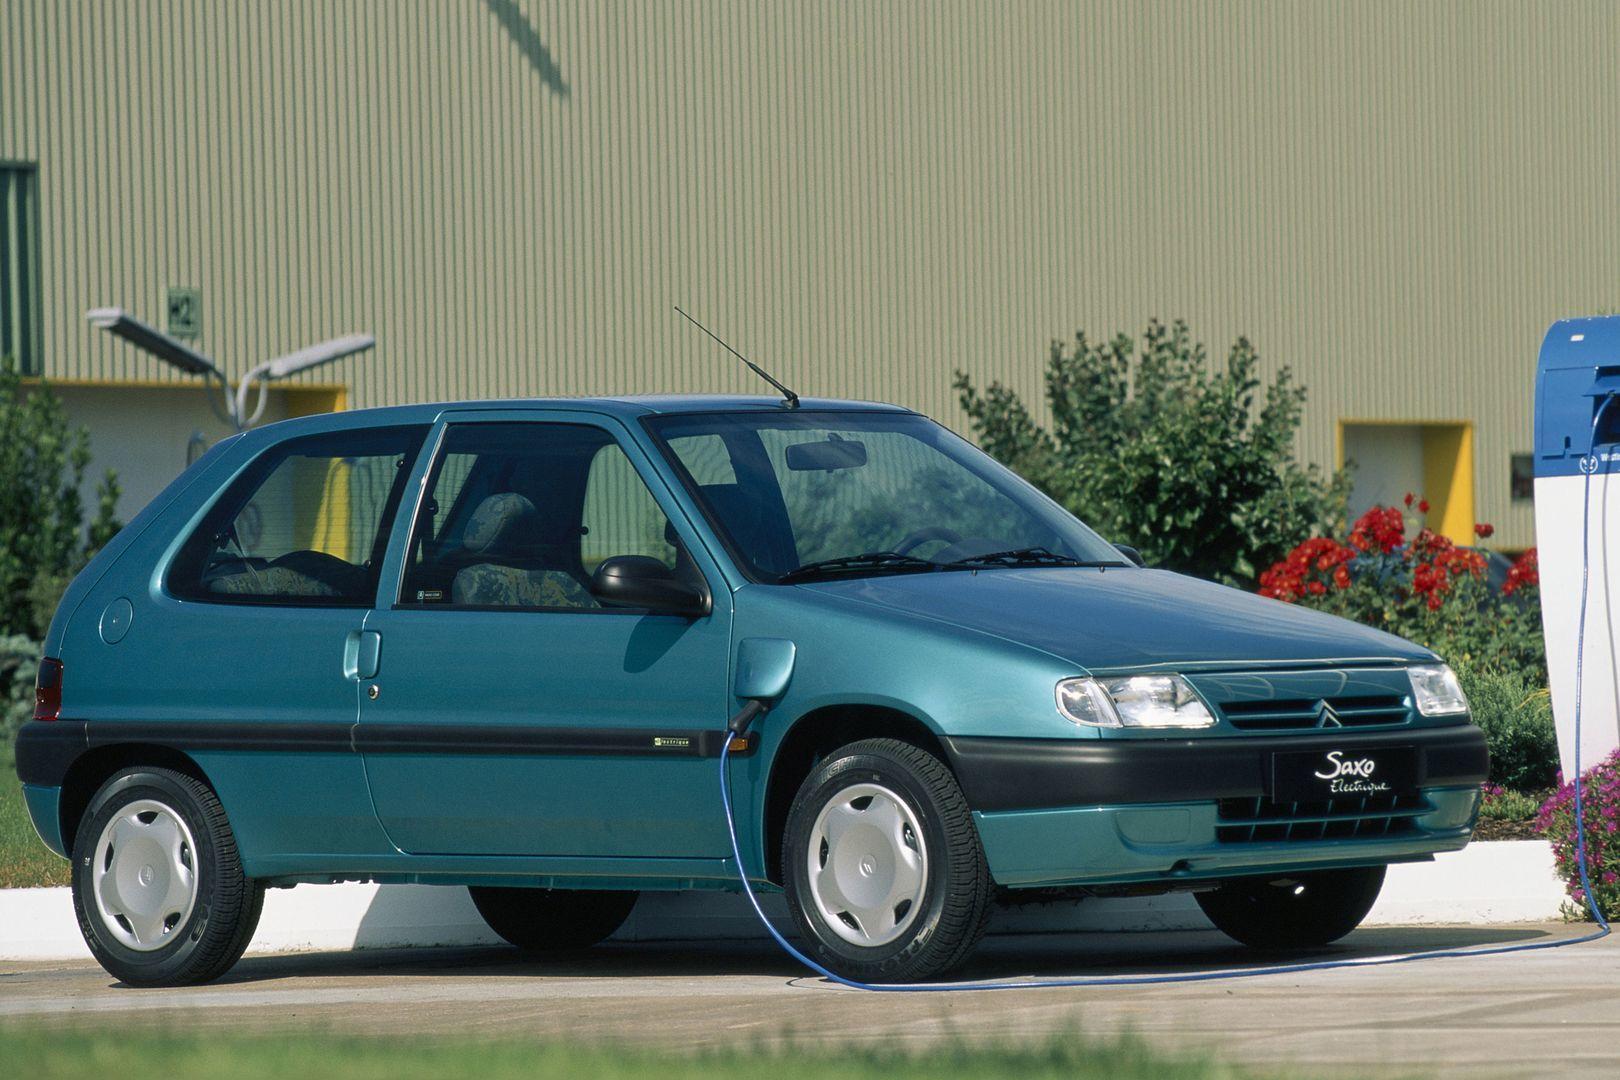 Citroën Saxo Electrique